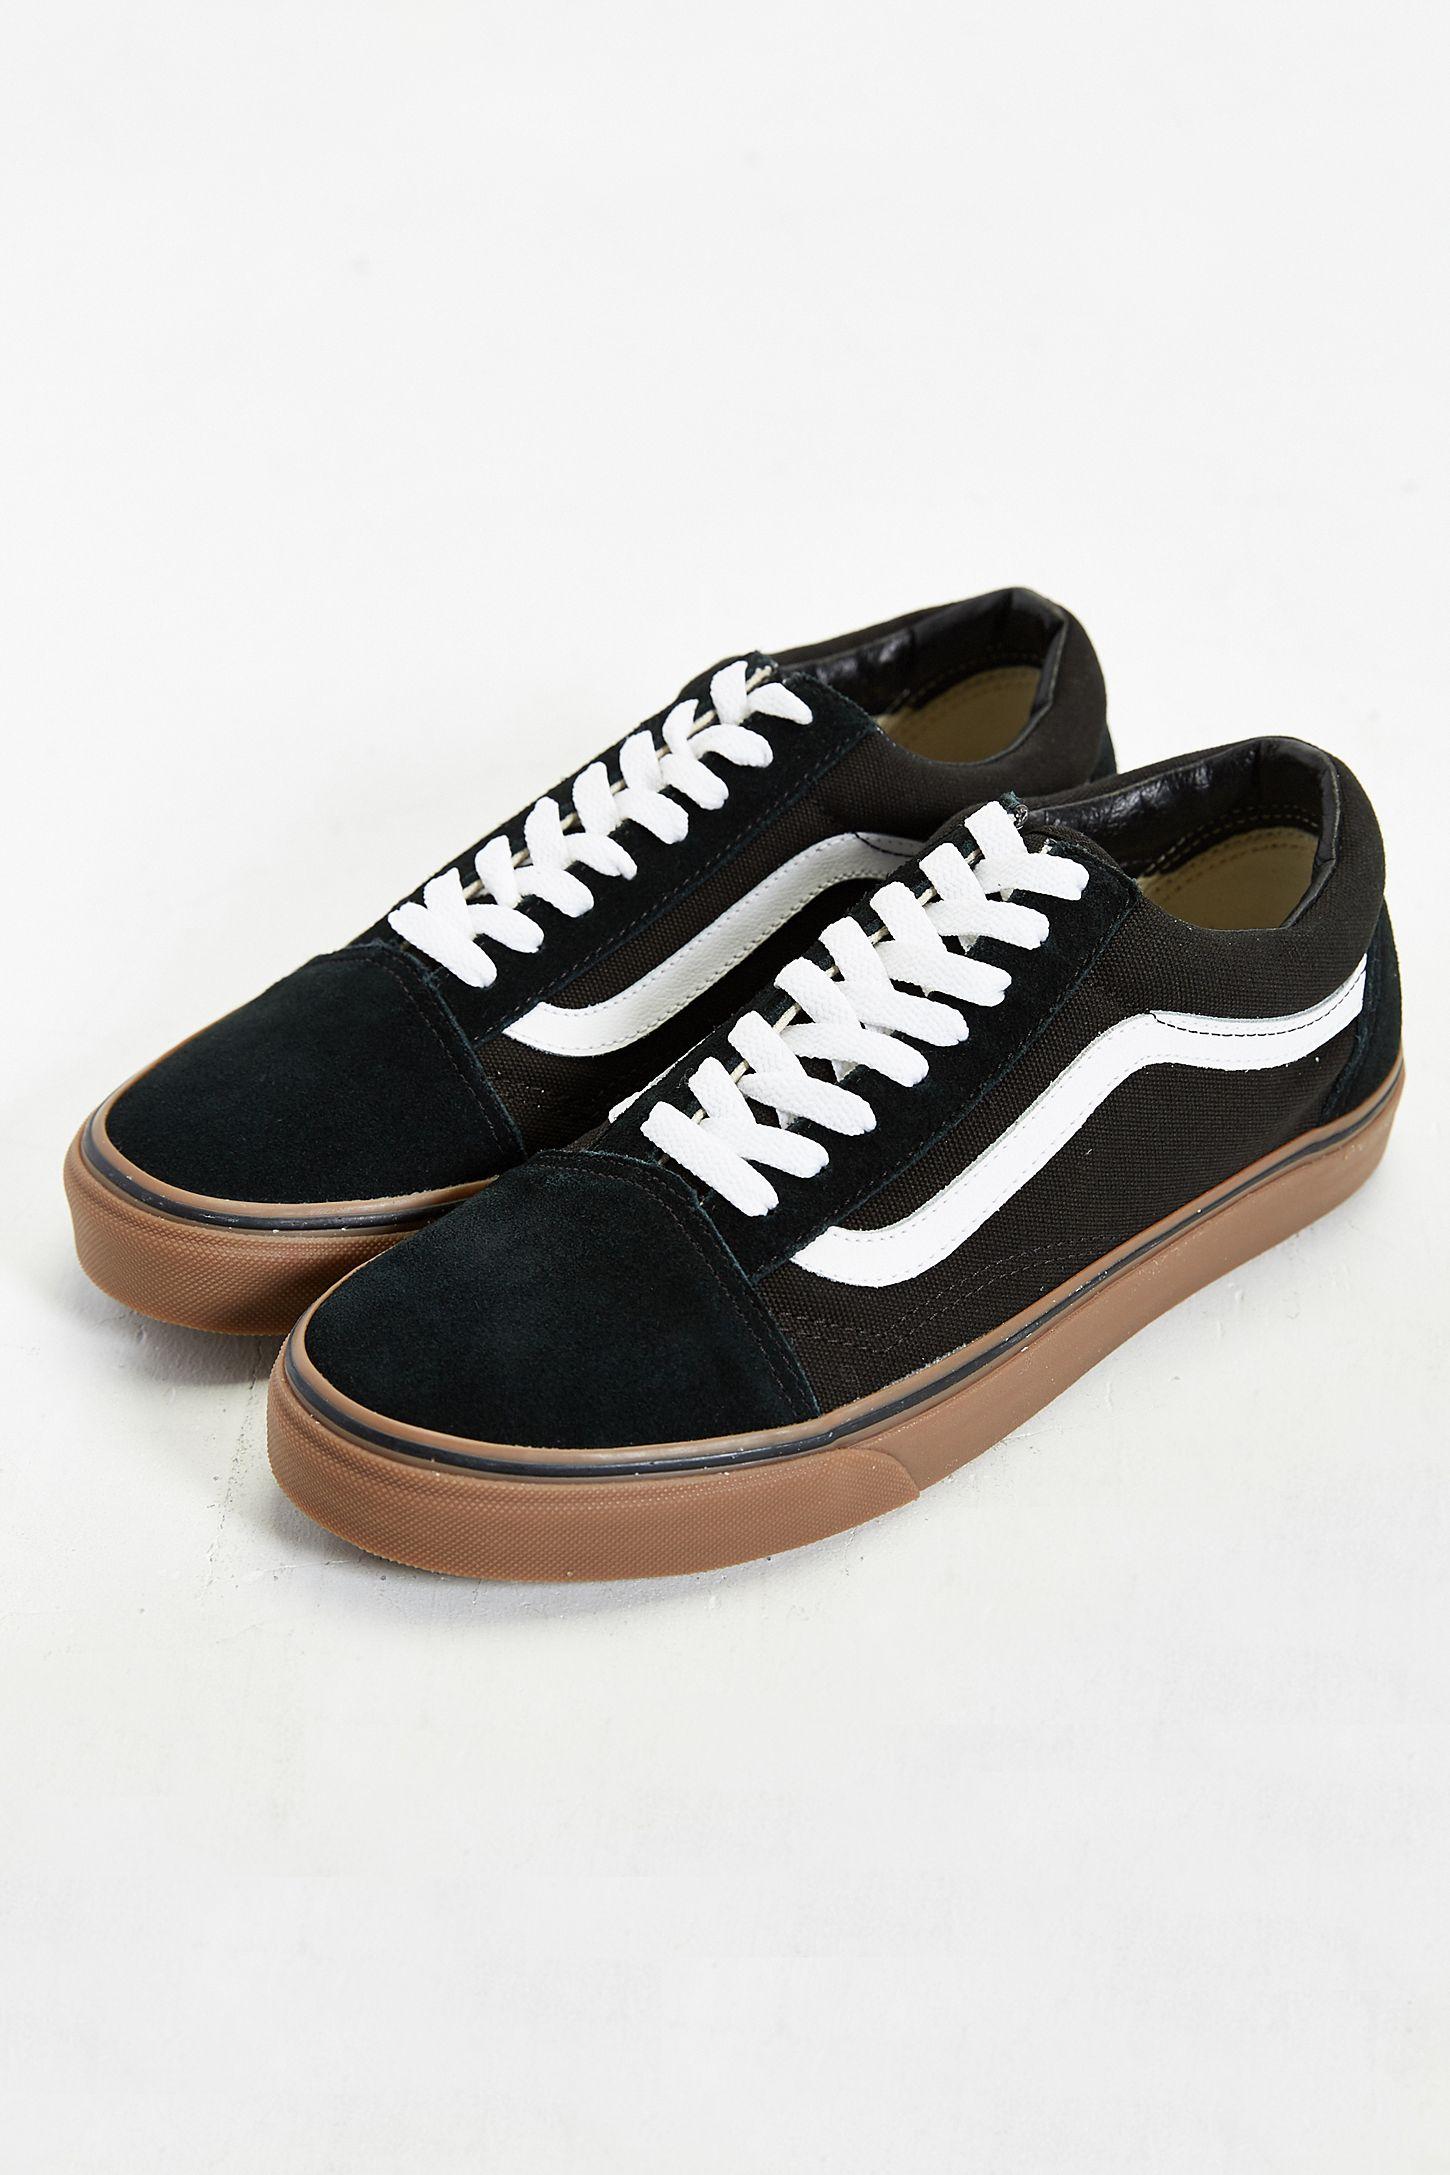 3e9efb7eab Vans Old Skool Gum Sole Sneaker